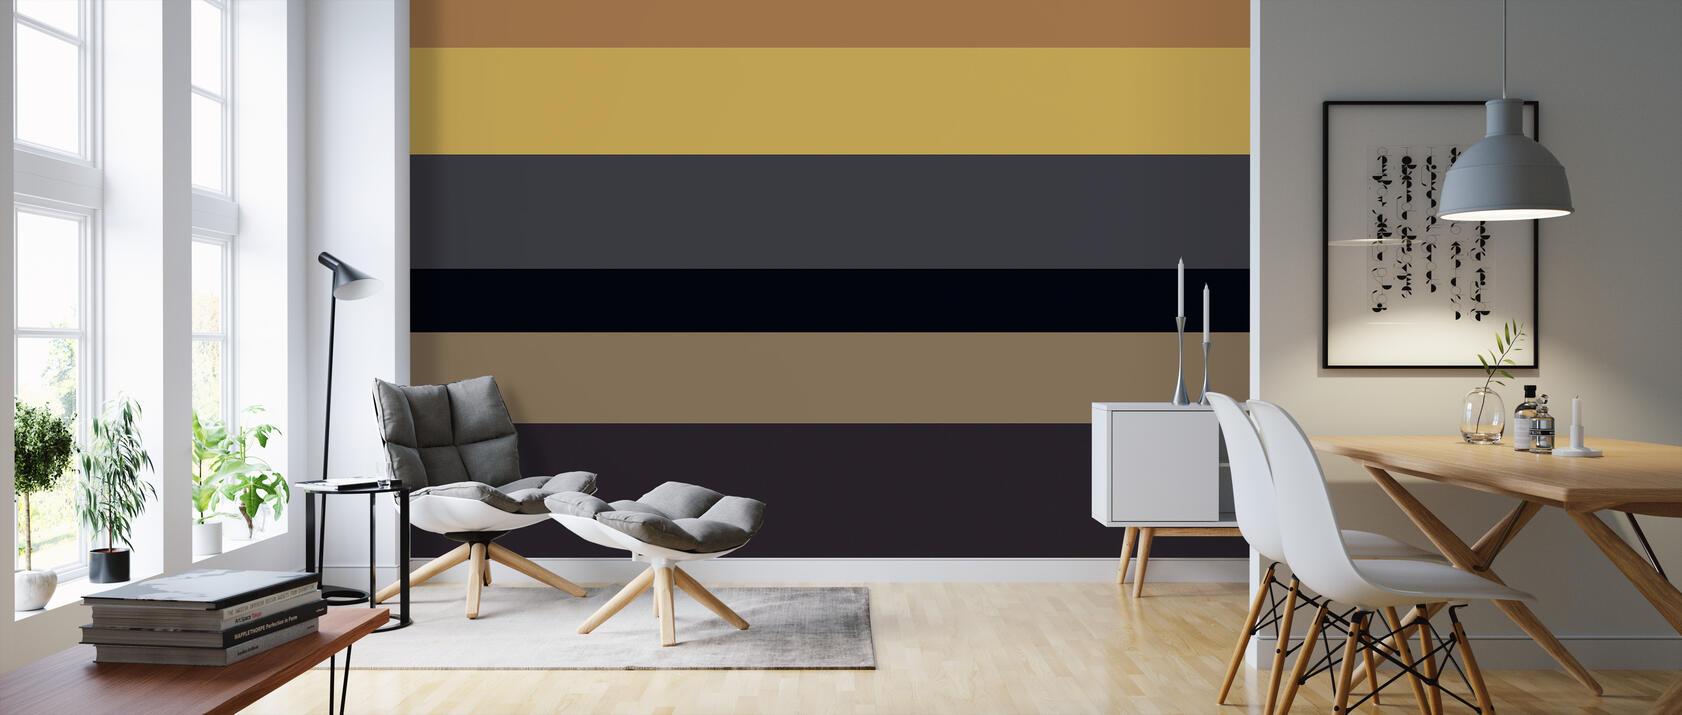 slindrebirken stilvolle tapete h chster qualit t mit schneller lieferung photowall. Black Bedroom Furniture Sets. Home Design Ideas